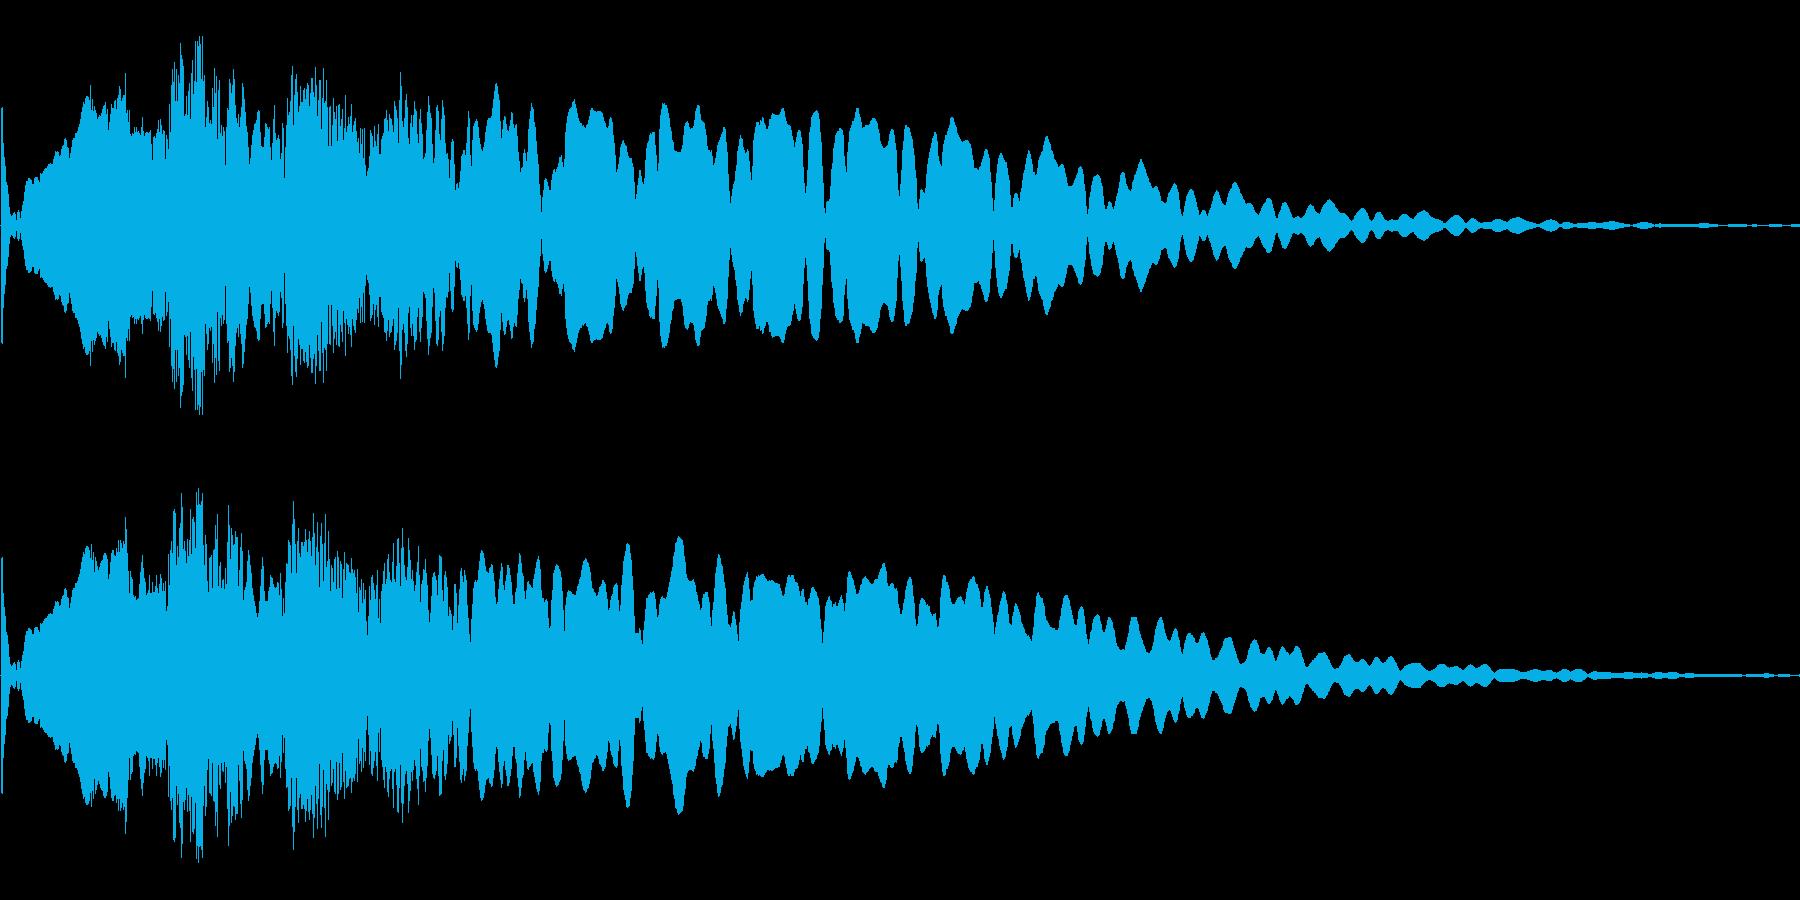 キュイーン。ほんの少しだけ長め、余韻ありの再生済みの波形